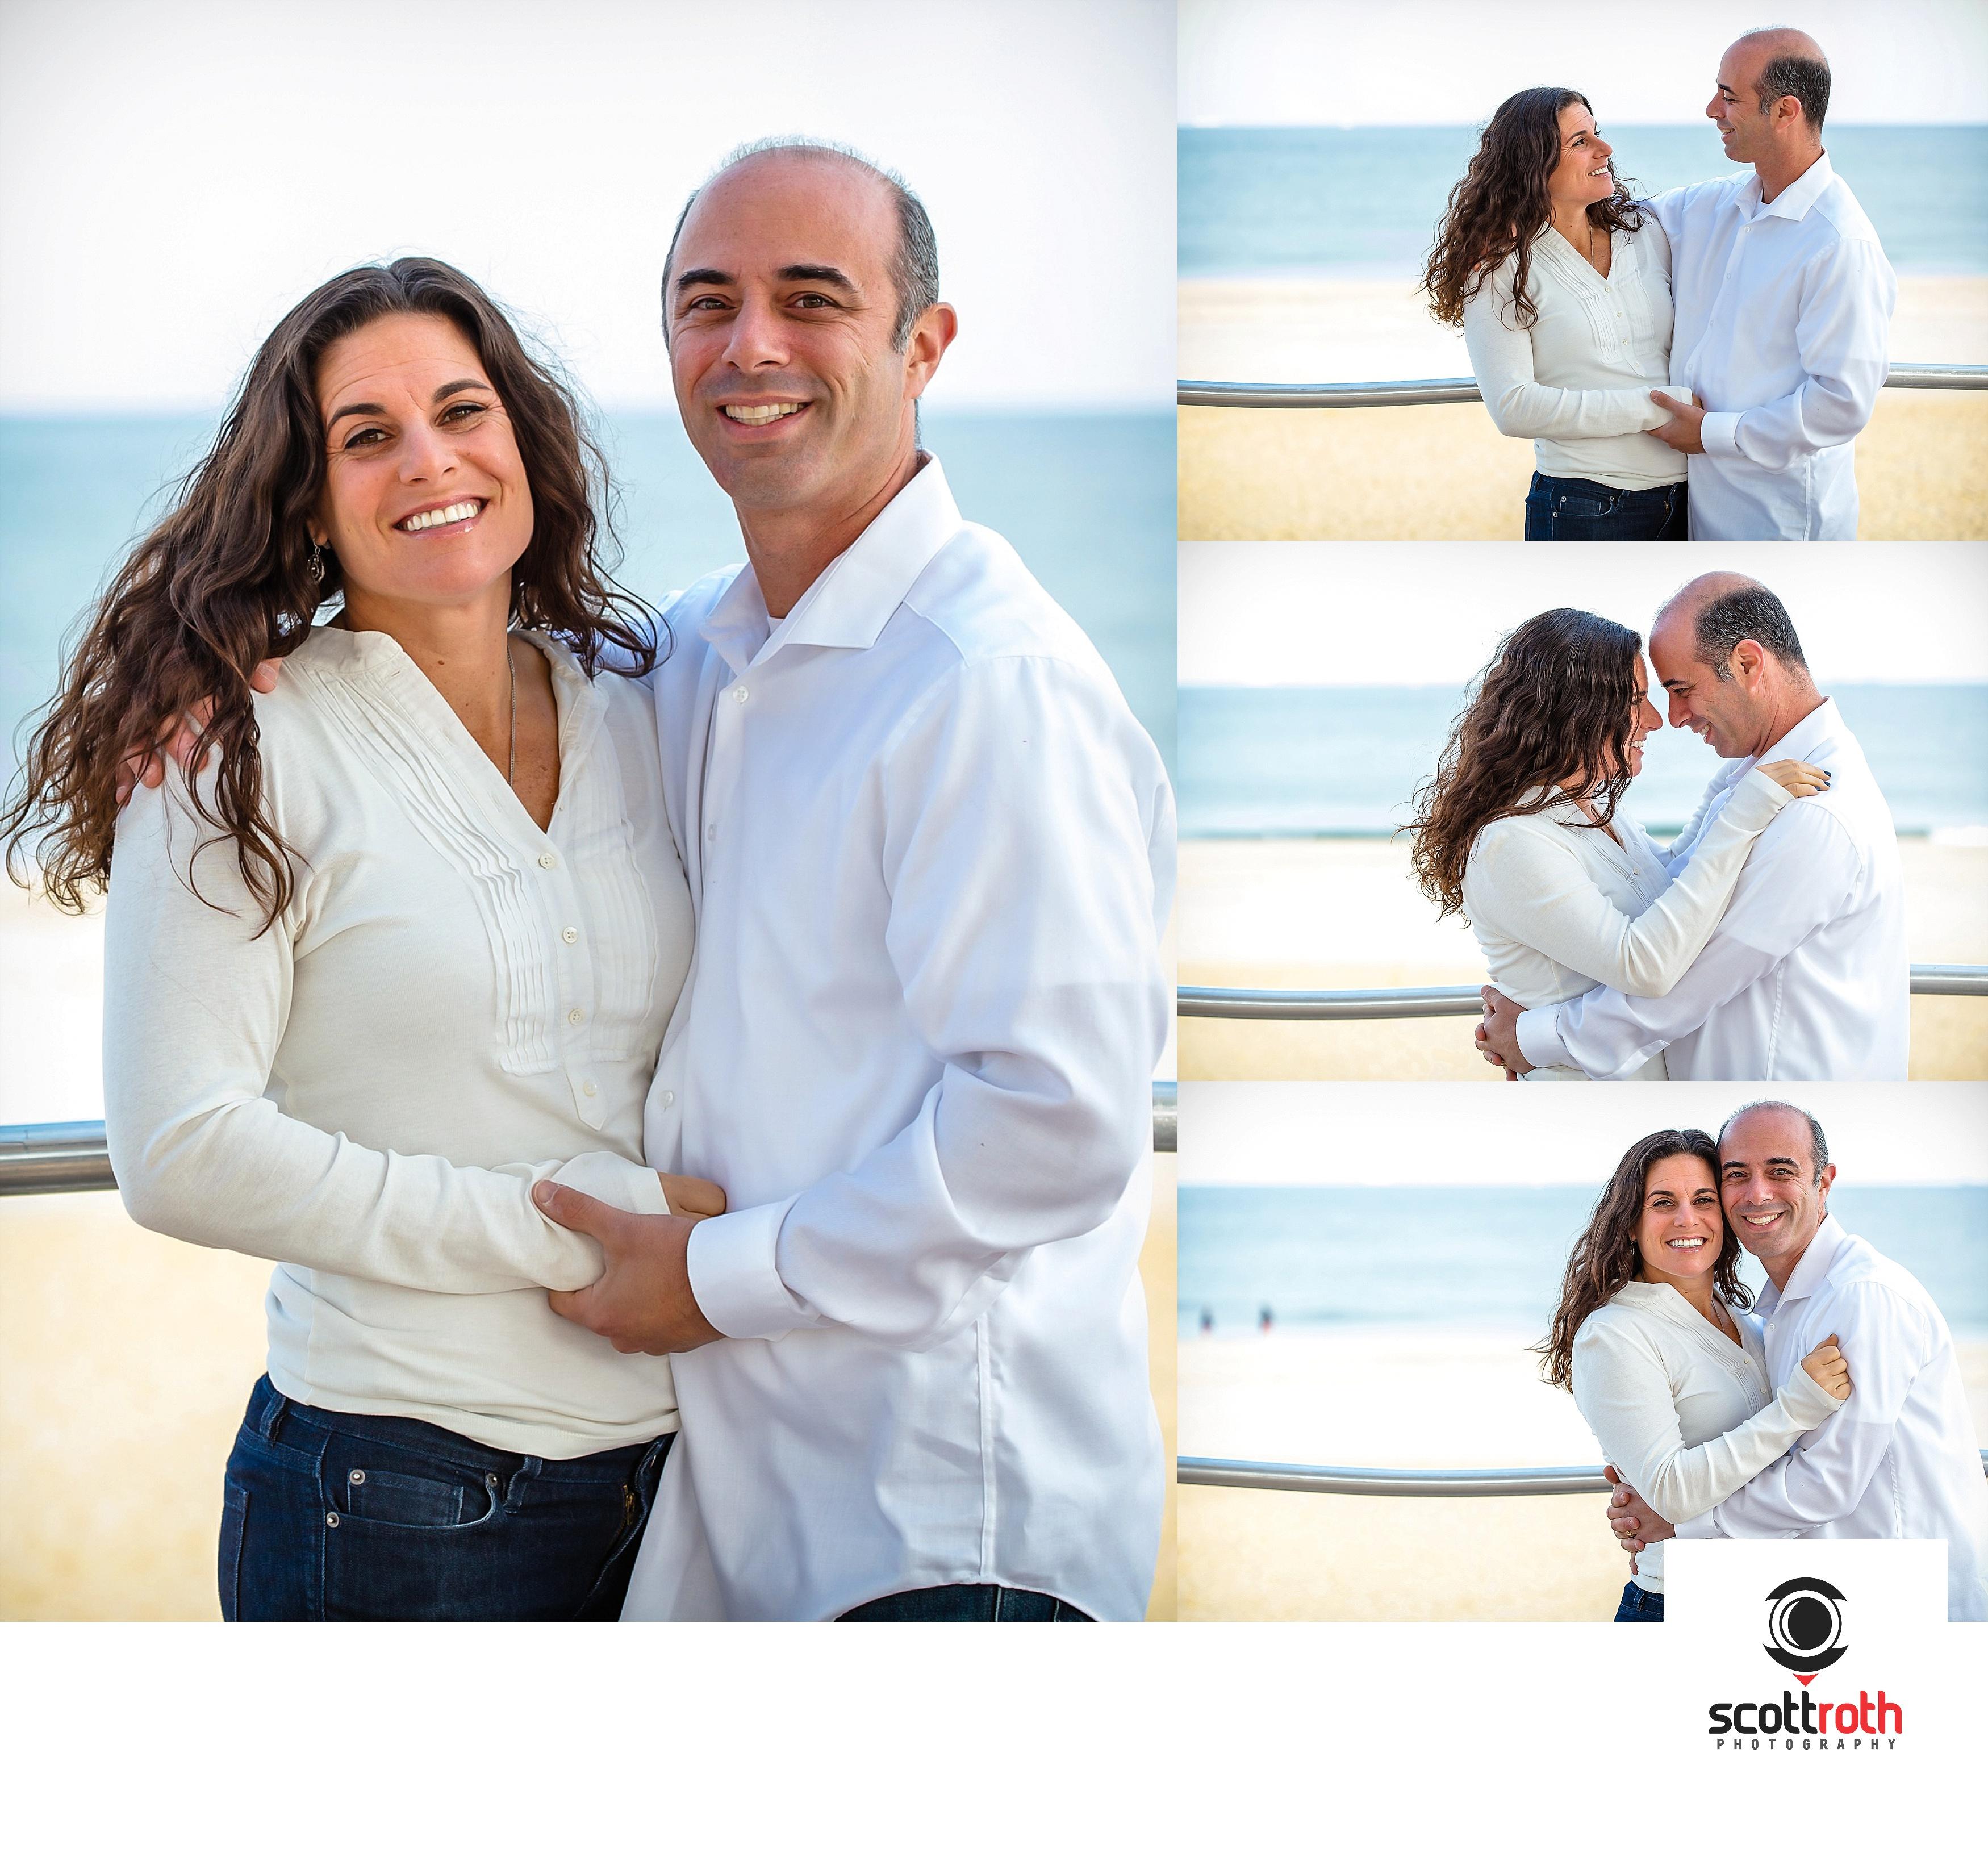 family-photography-beach-0110.jpg